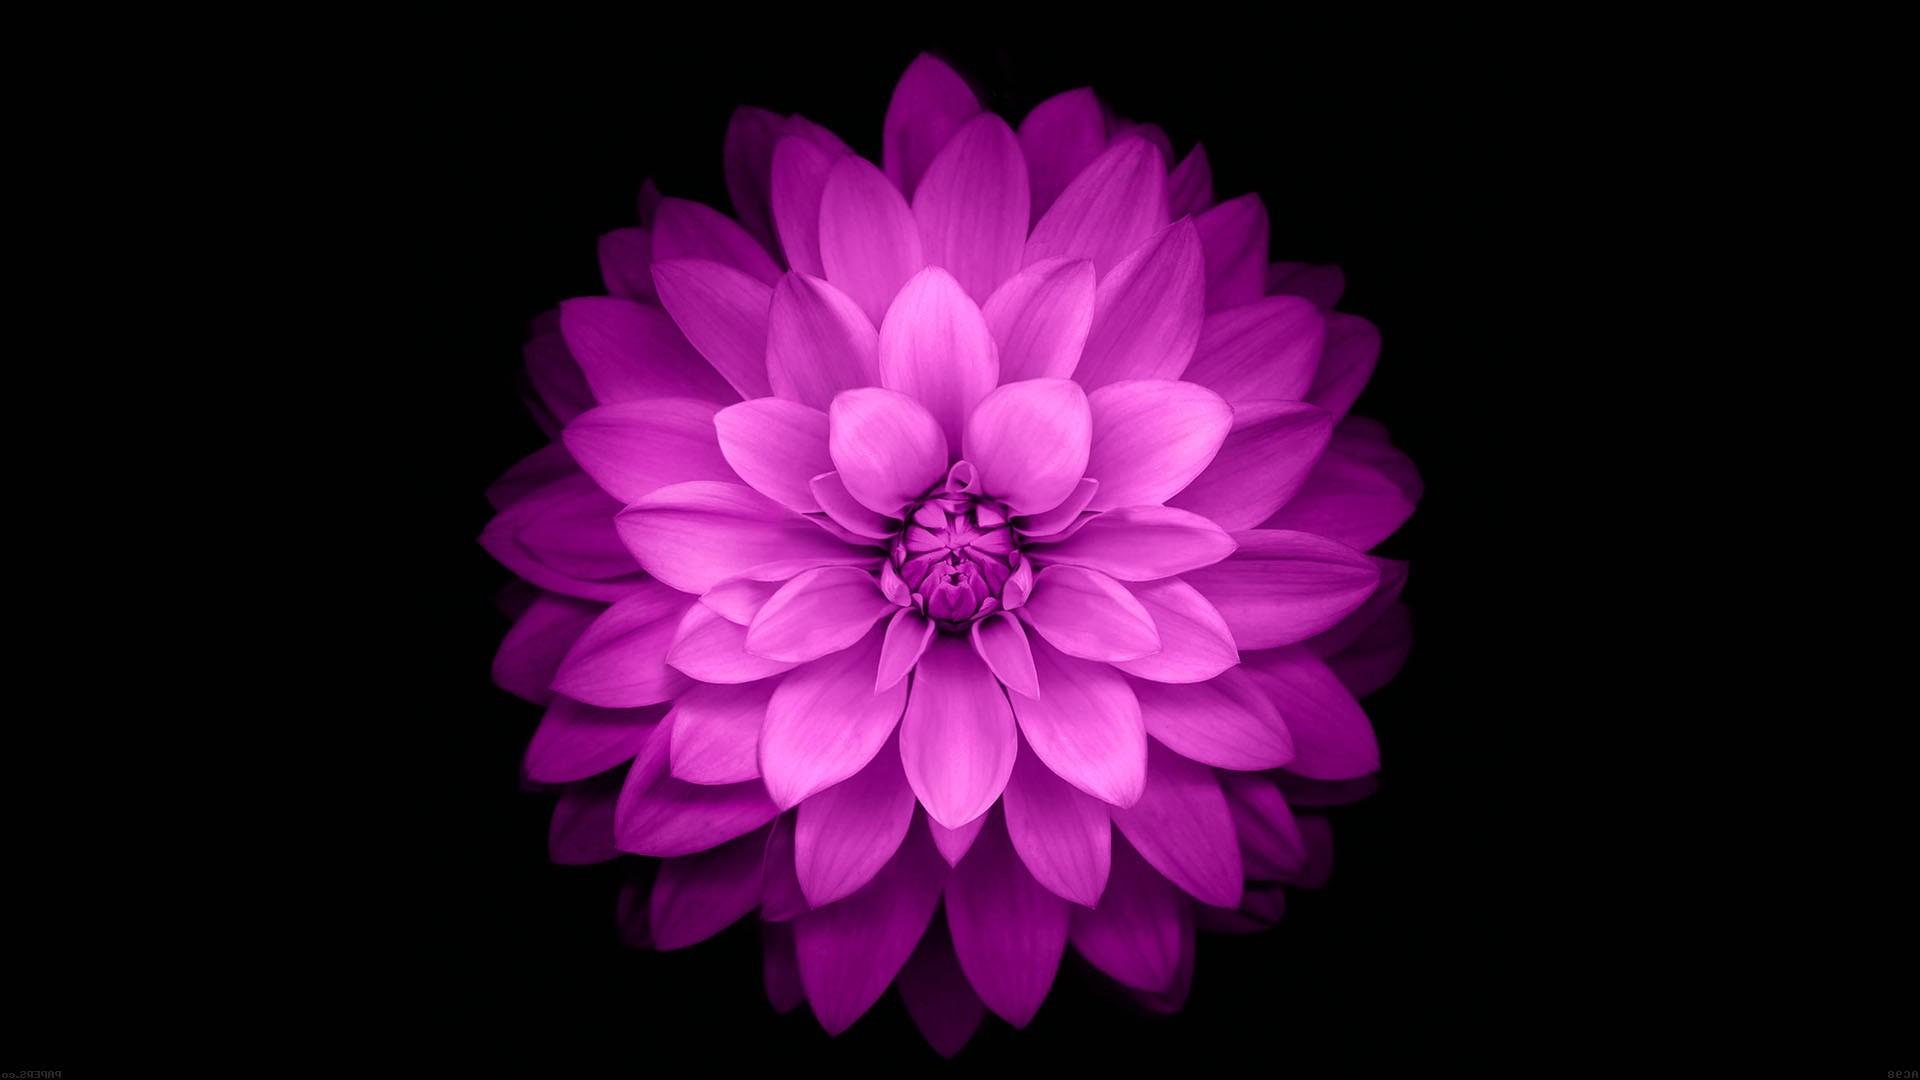 картинки цветка как на айфоне службе